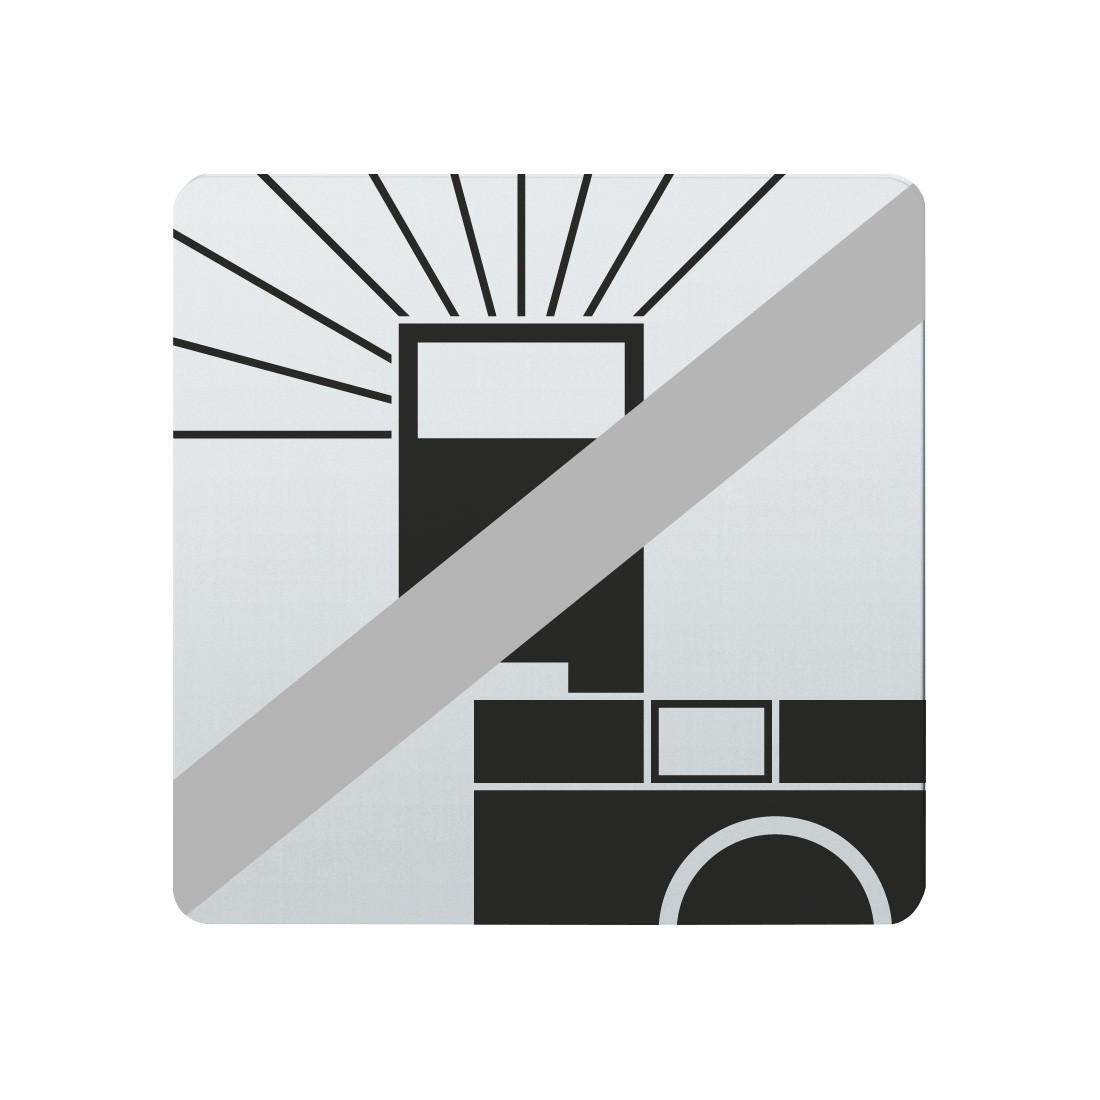 FSB Hinweiszeichen Blitz verboten Lasergraviert Edelstahl fein matt (0 36 4059 00035 6204)